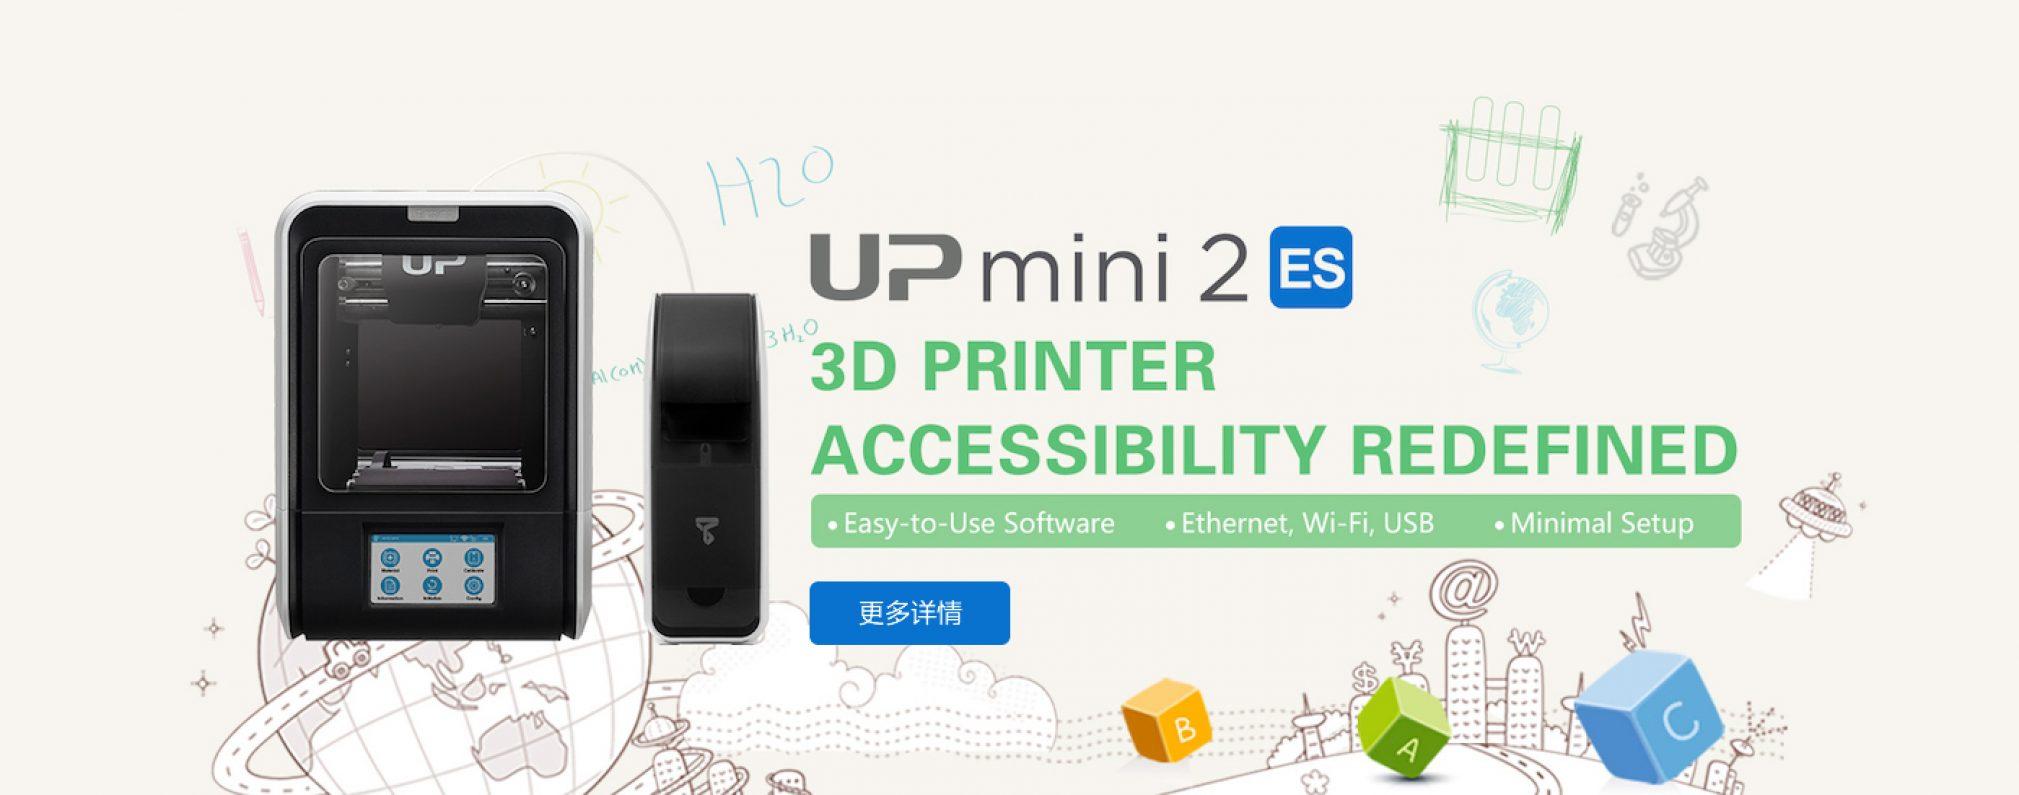 Slider_1_UP_mini_2_ES